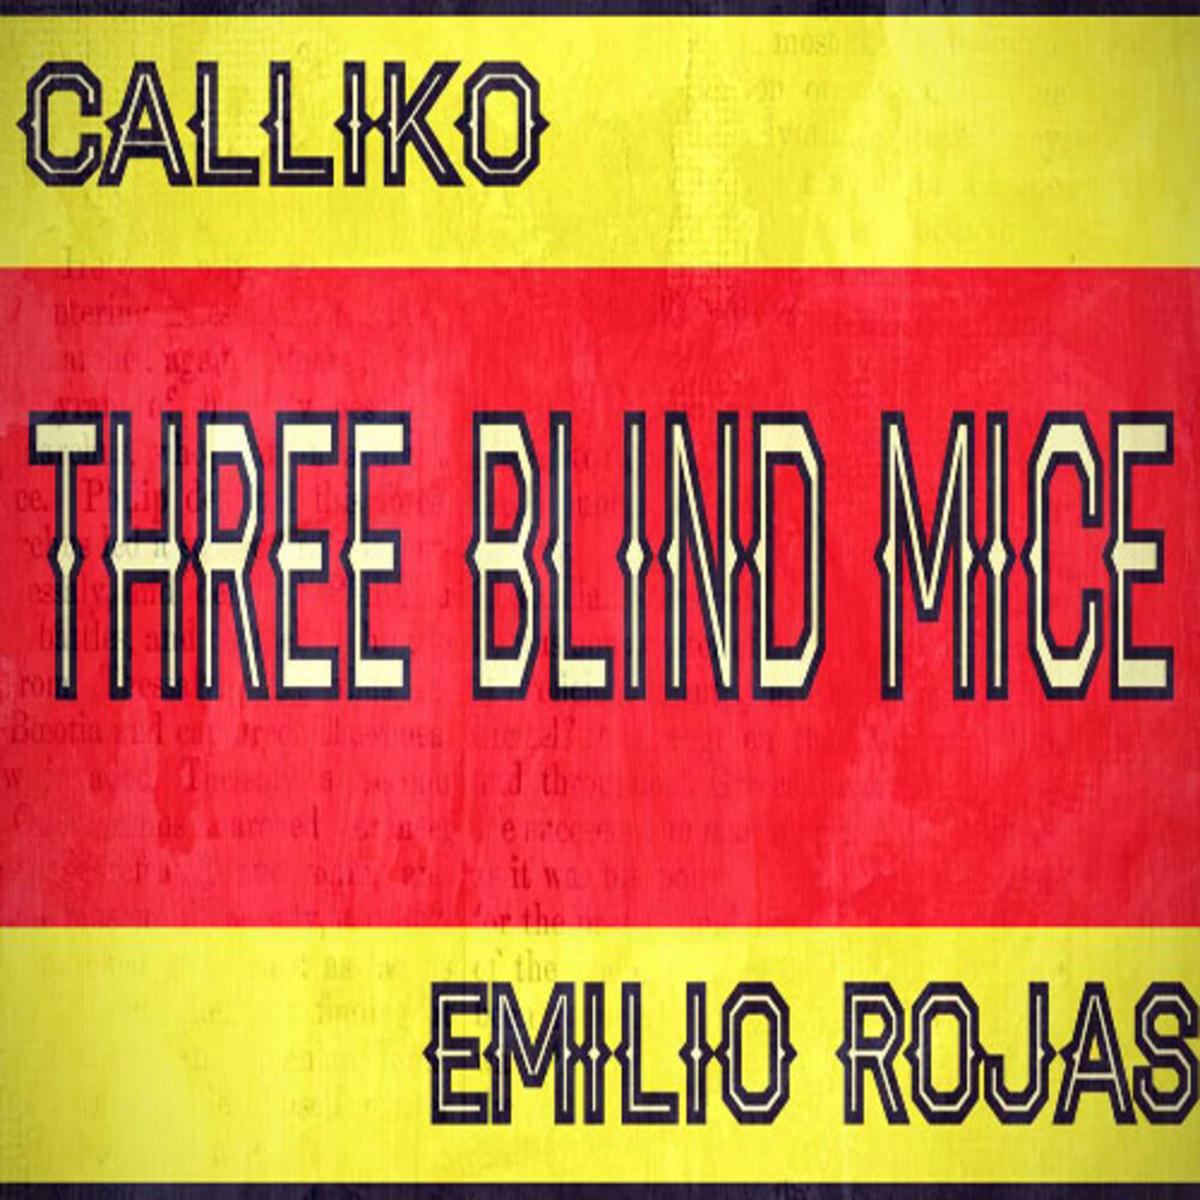 calliko-threeblindmice.jpg